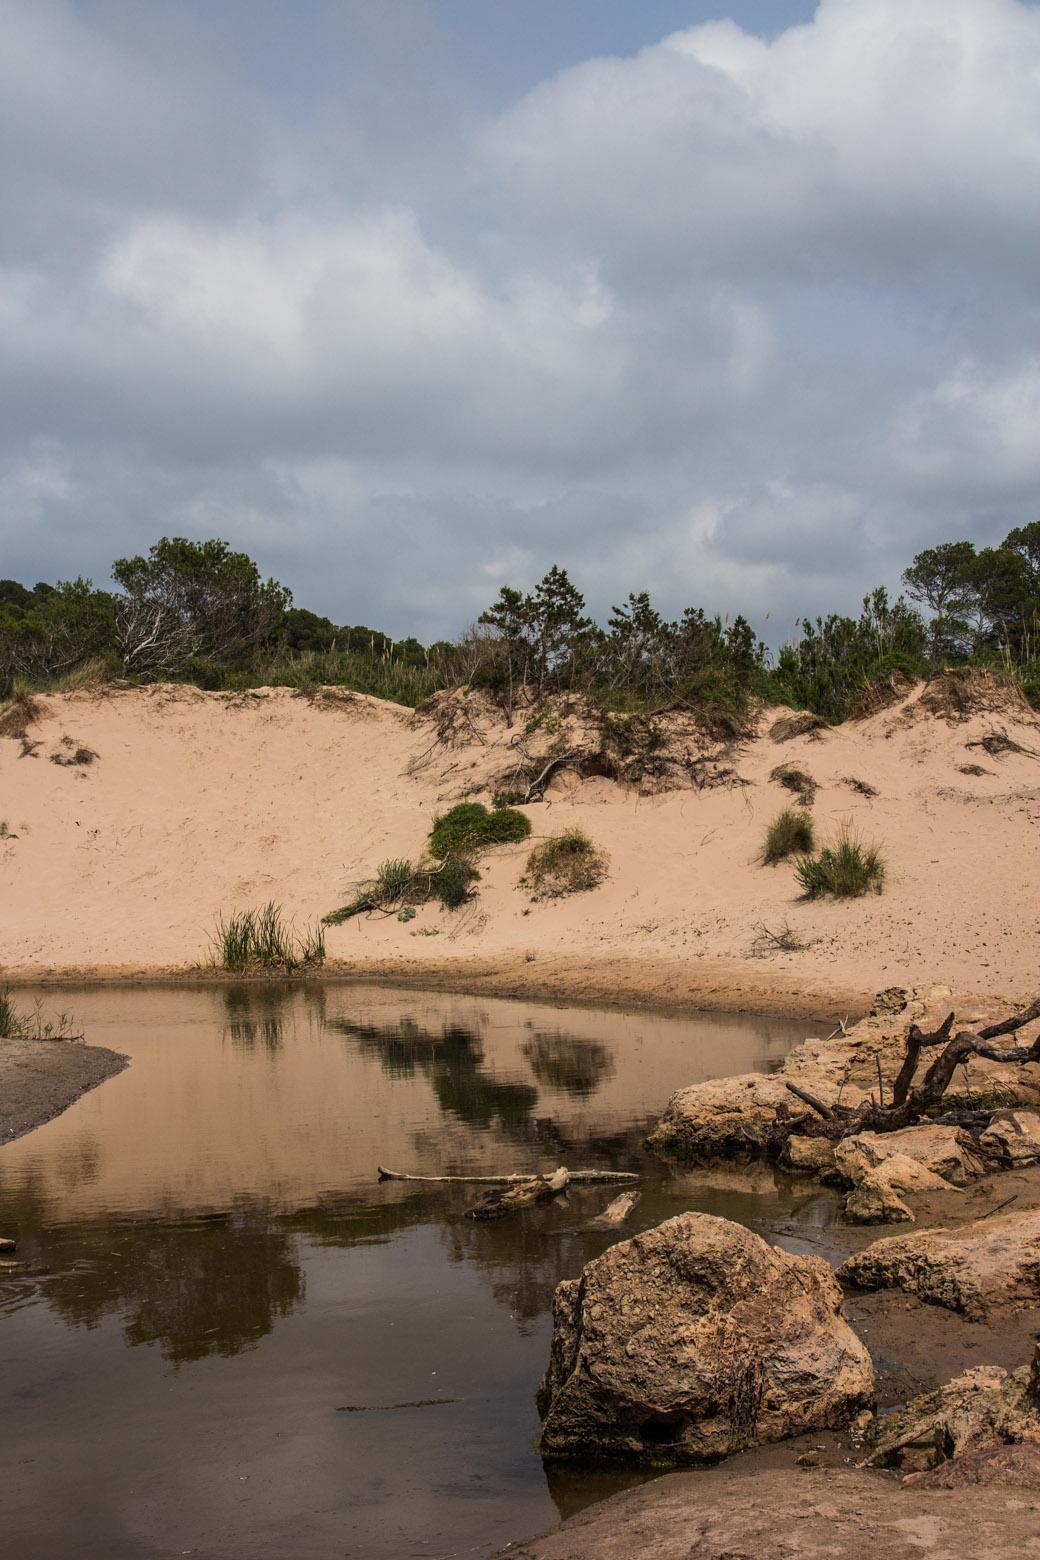 Ein Fluss fließt bis ins Meer. Es ist heiß und die Brühe riecht ganz schön stark nach Schwefel.